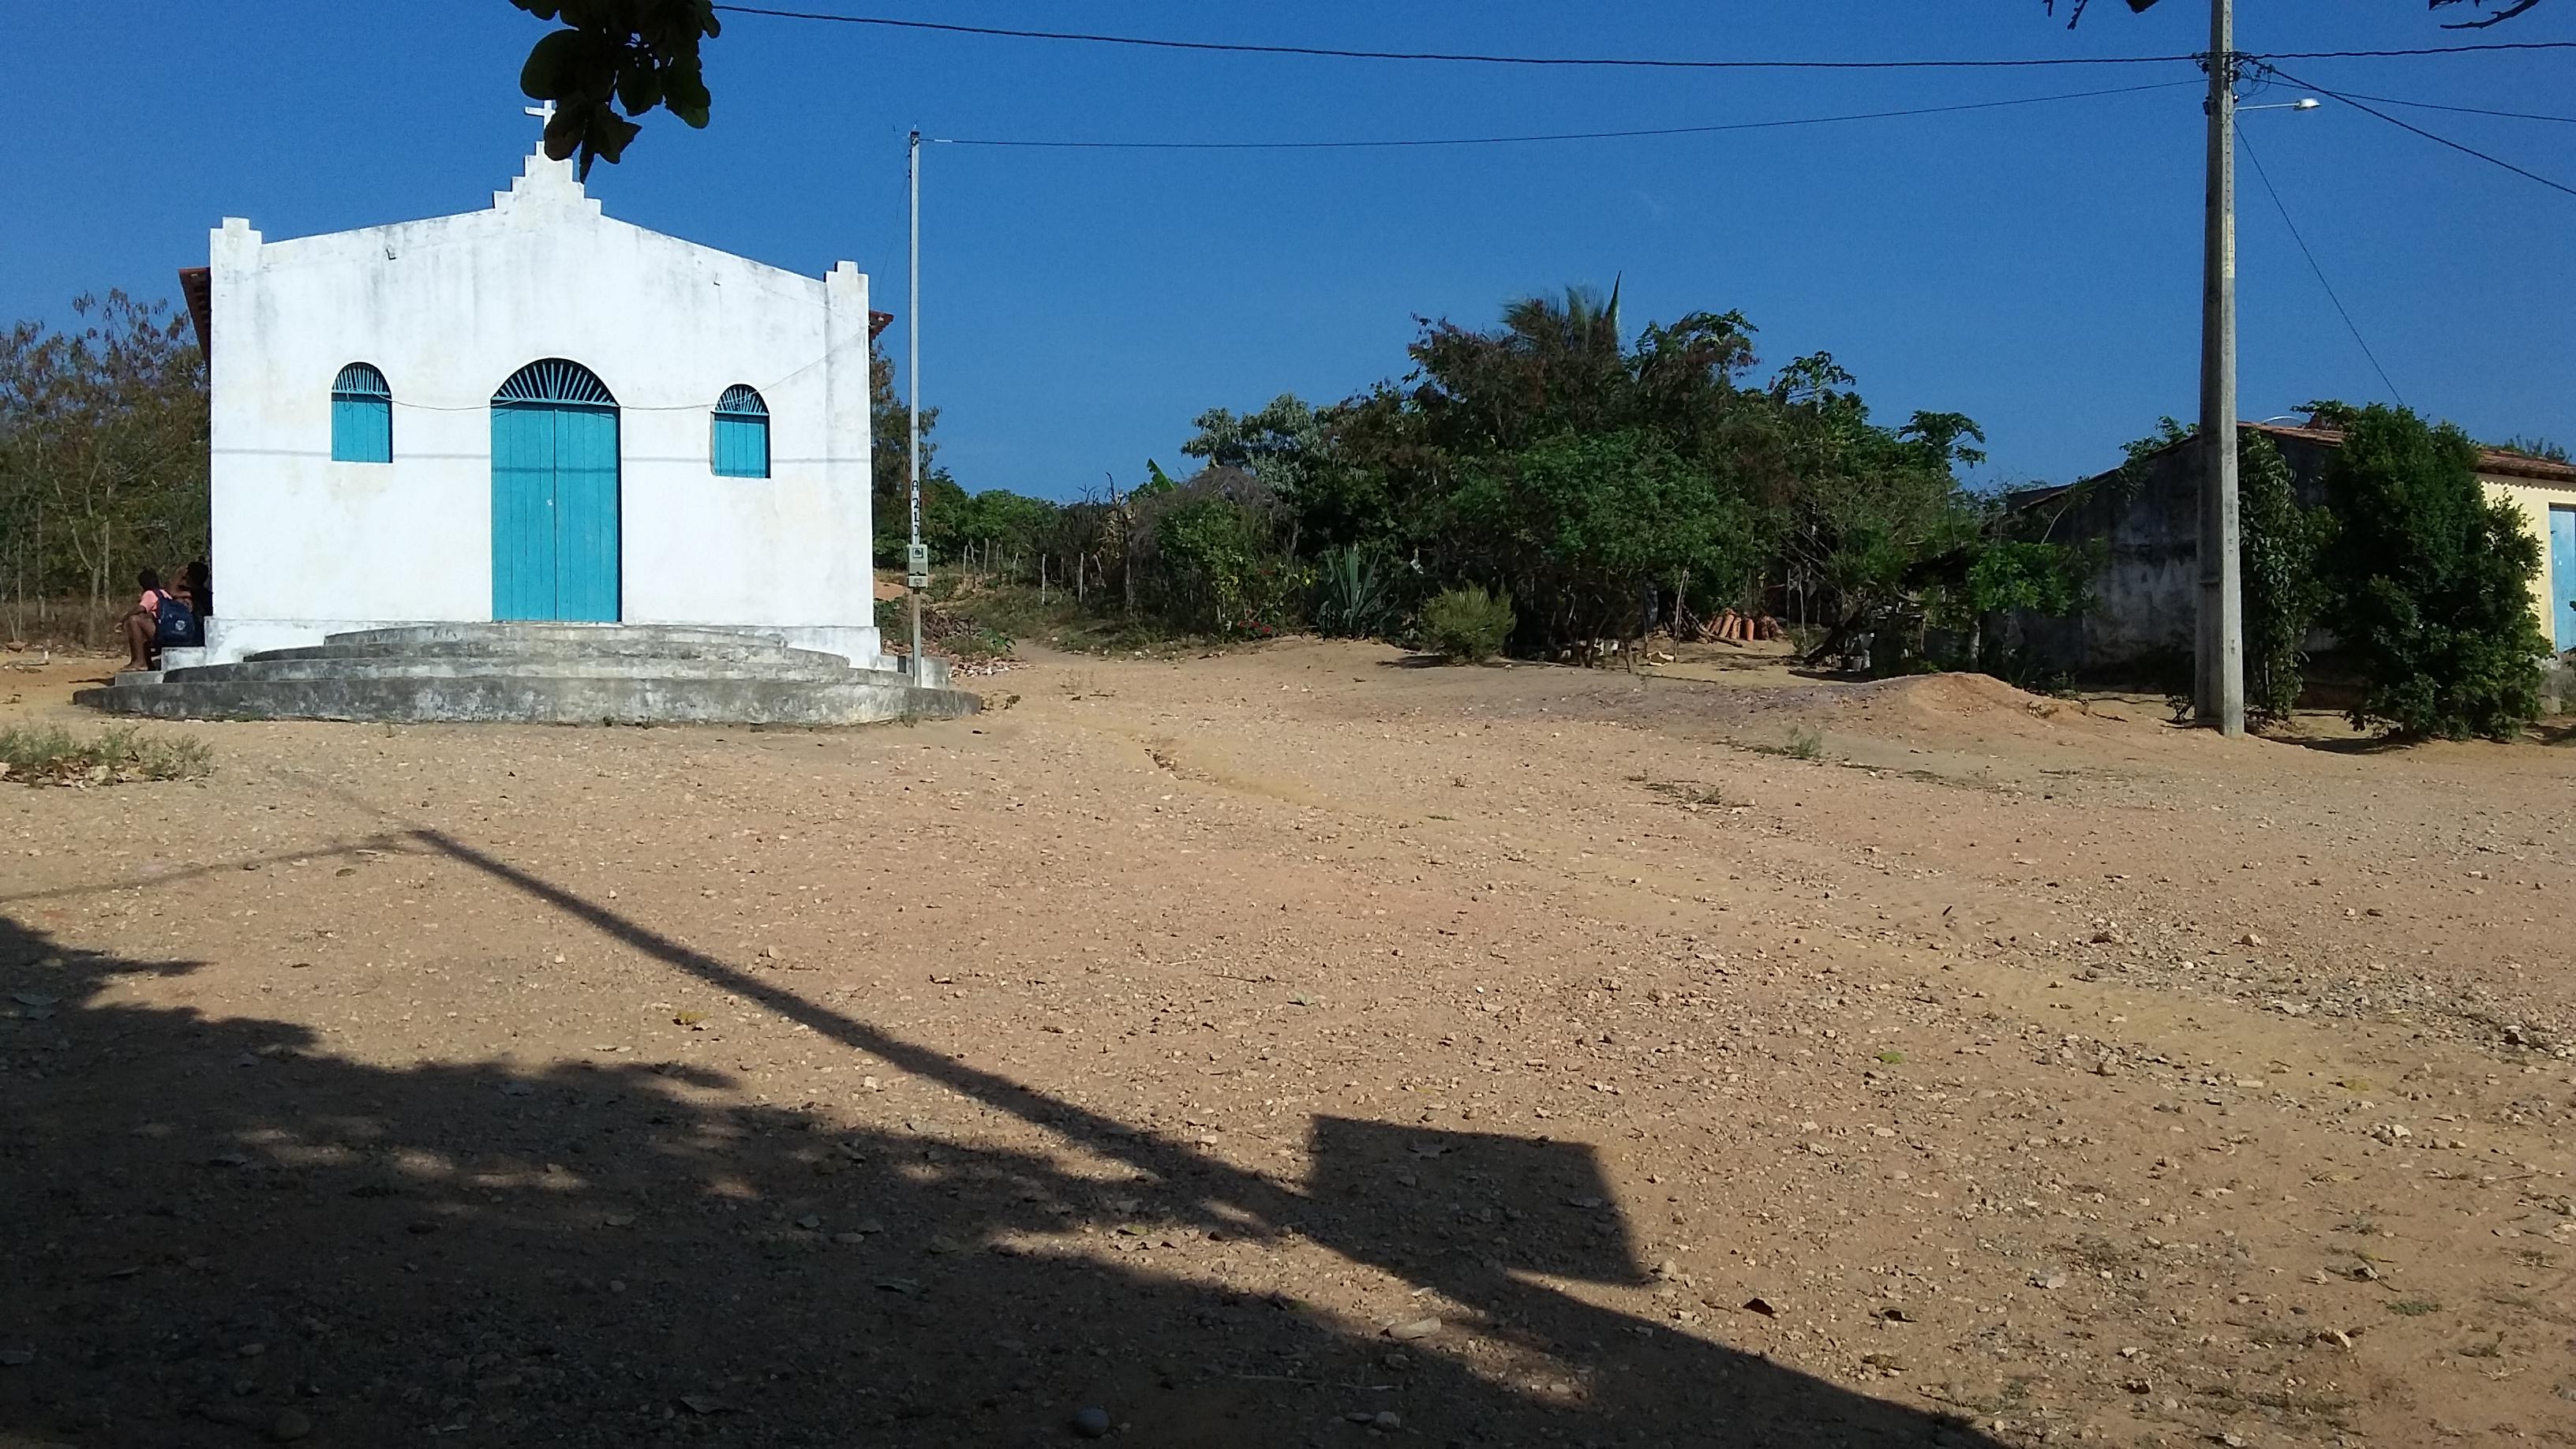 Igreja de Santo Antônio, padroeiro do quilombo. Foto: Paulo Oliveira